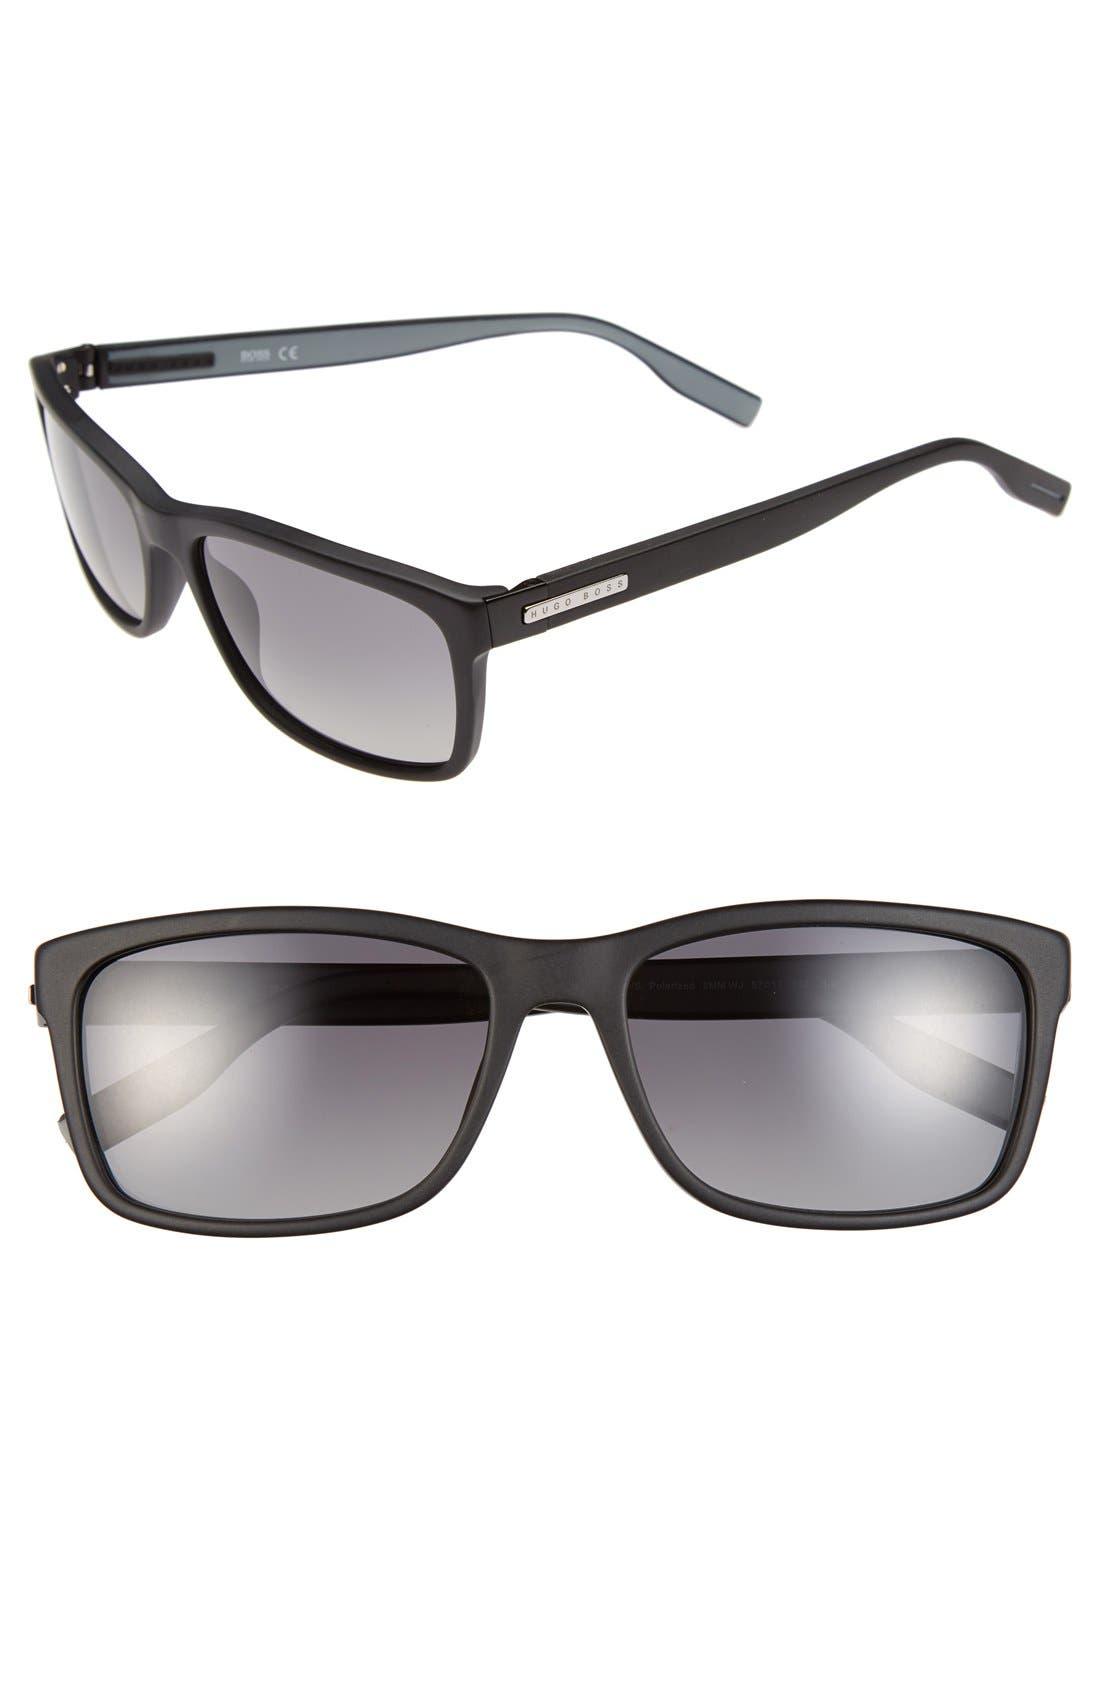 57mm Polarized Retro Sunglasses,                         Main,                         color, 001